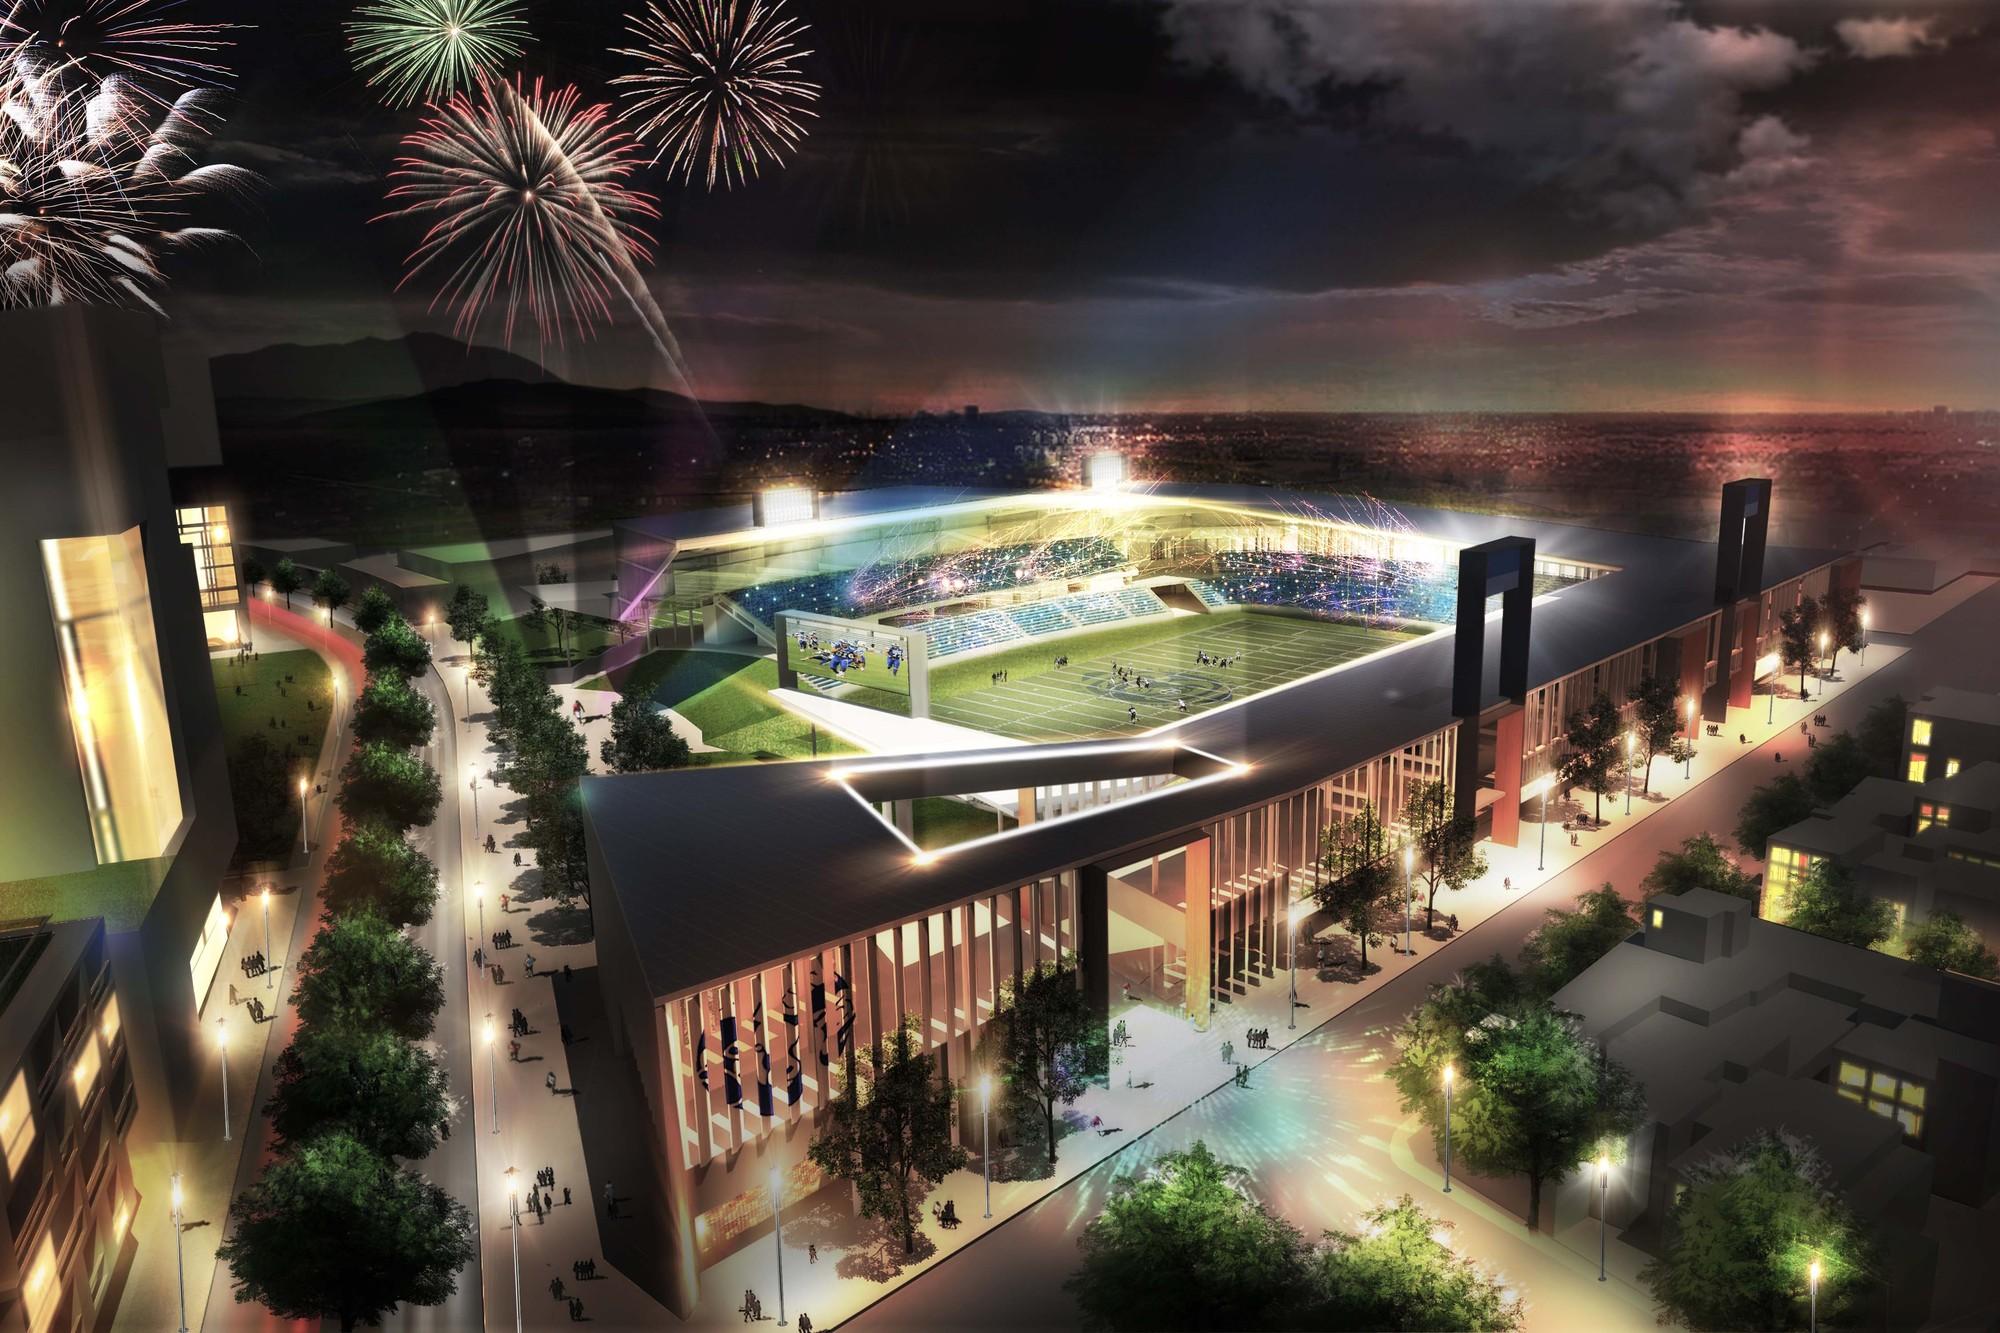 Estadio. Image Courtesy of Centro de Prensa del Tecnológico de Monterrey